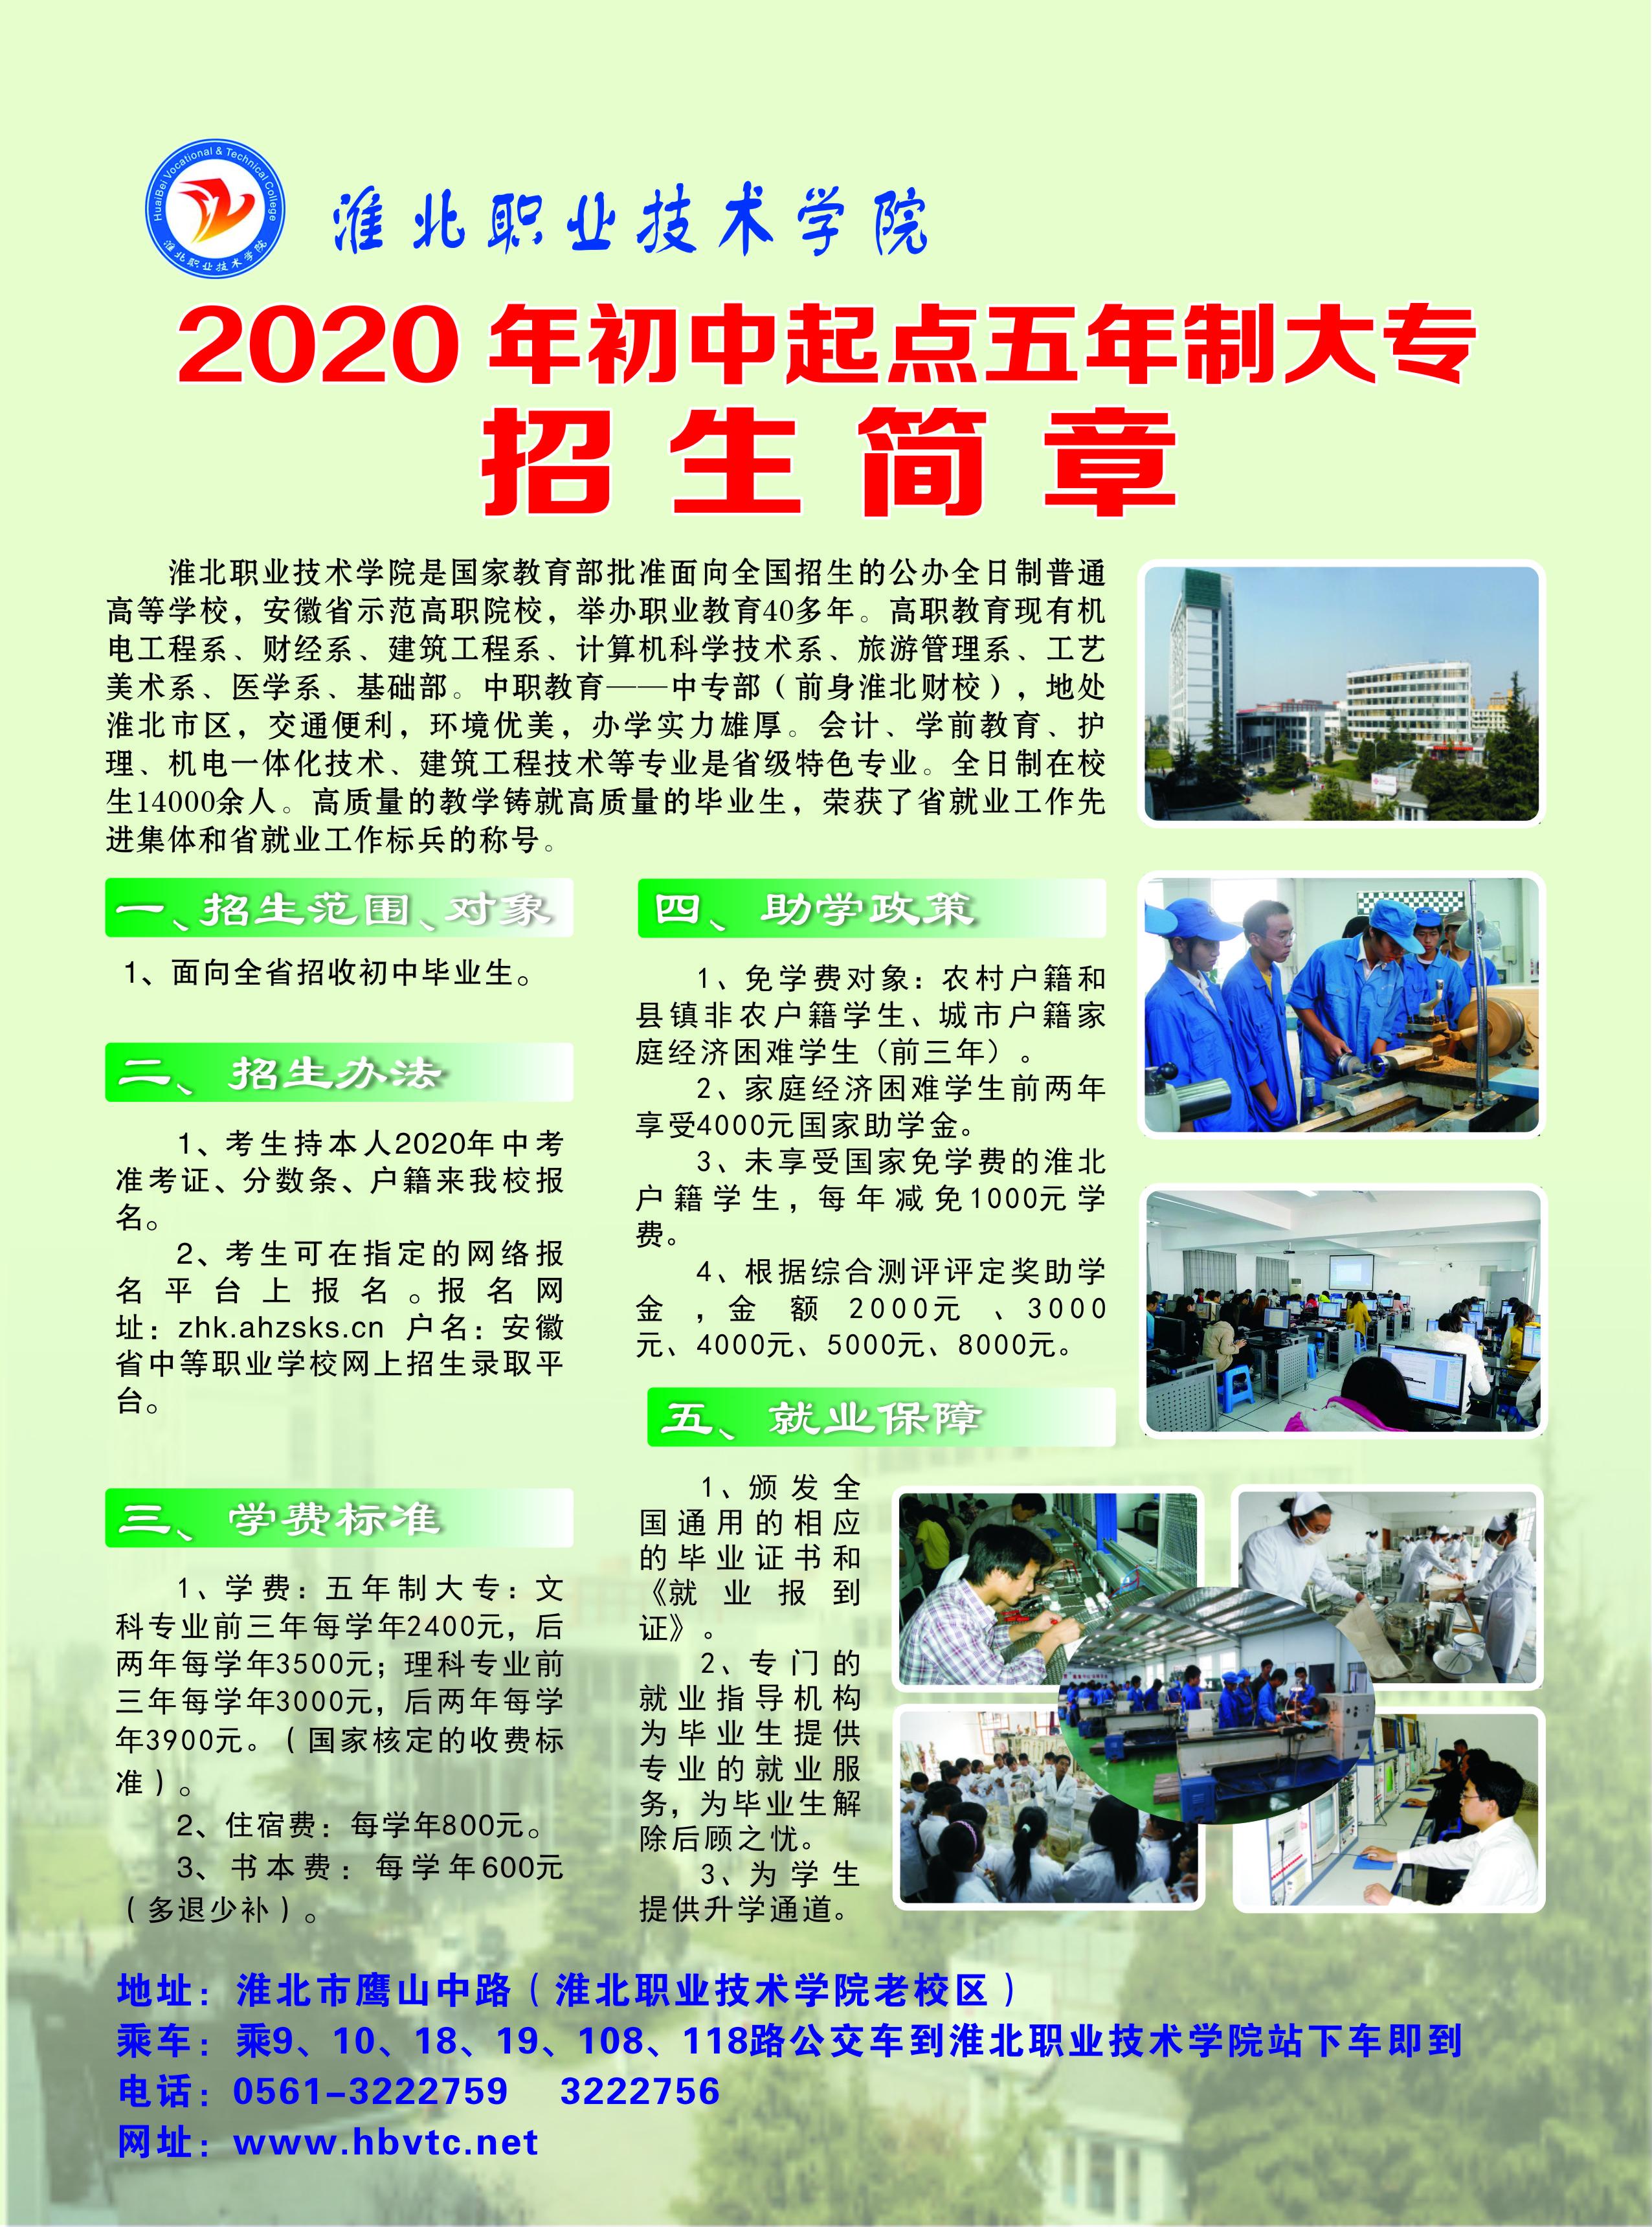 淮北职业技术学院2020年招生简章.cdr_0001.JPG